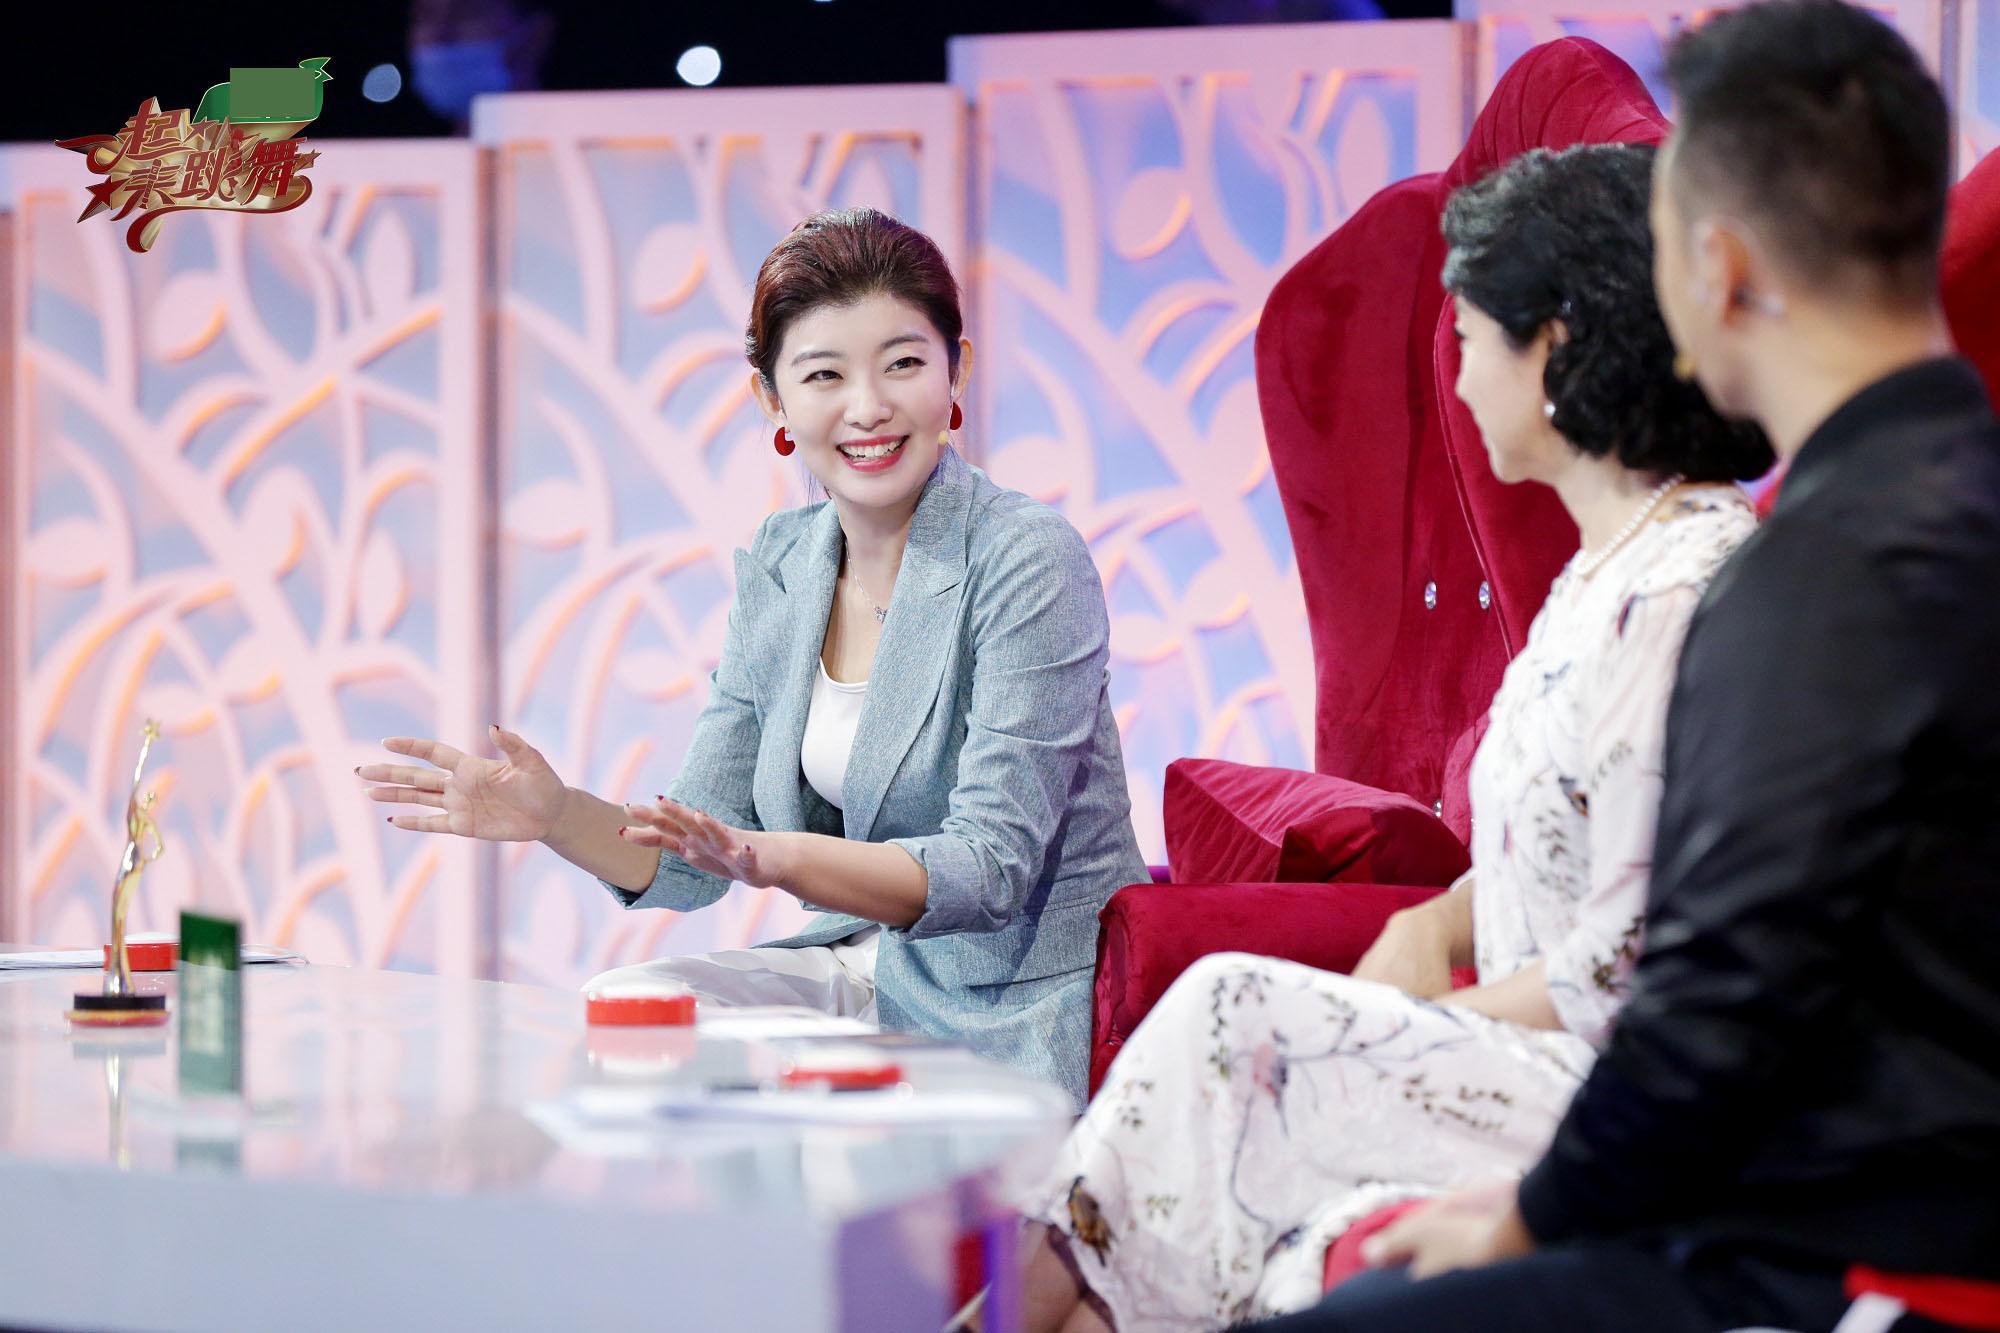 王广成加盟《一起来跳舞》 首秀遭遇选手踢馆挑战